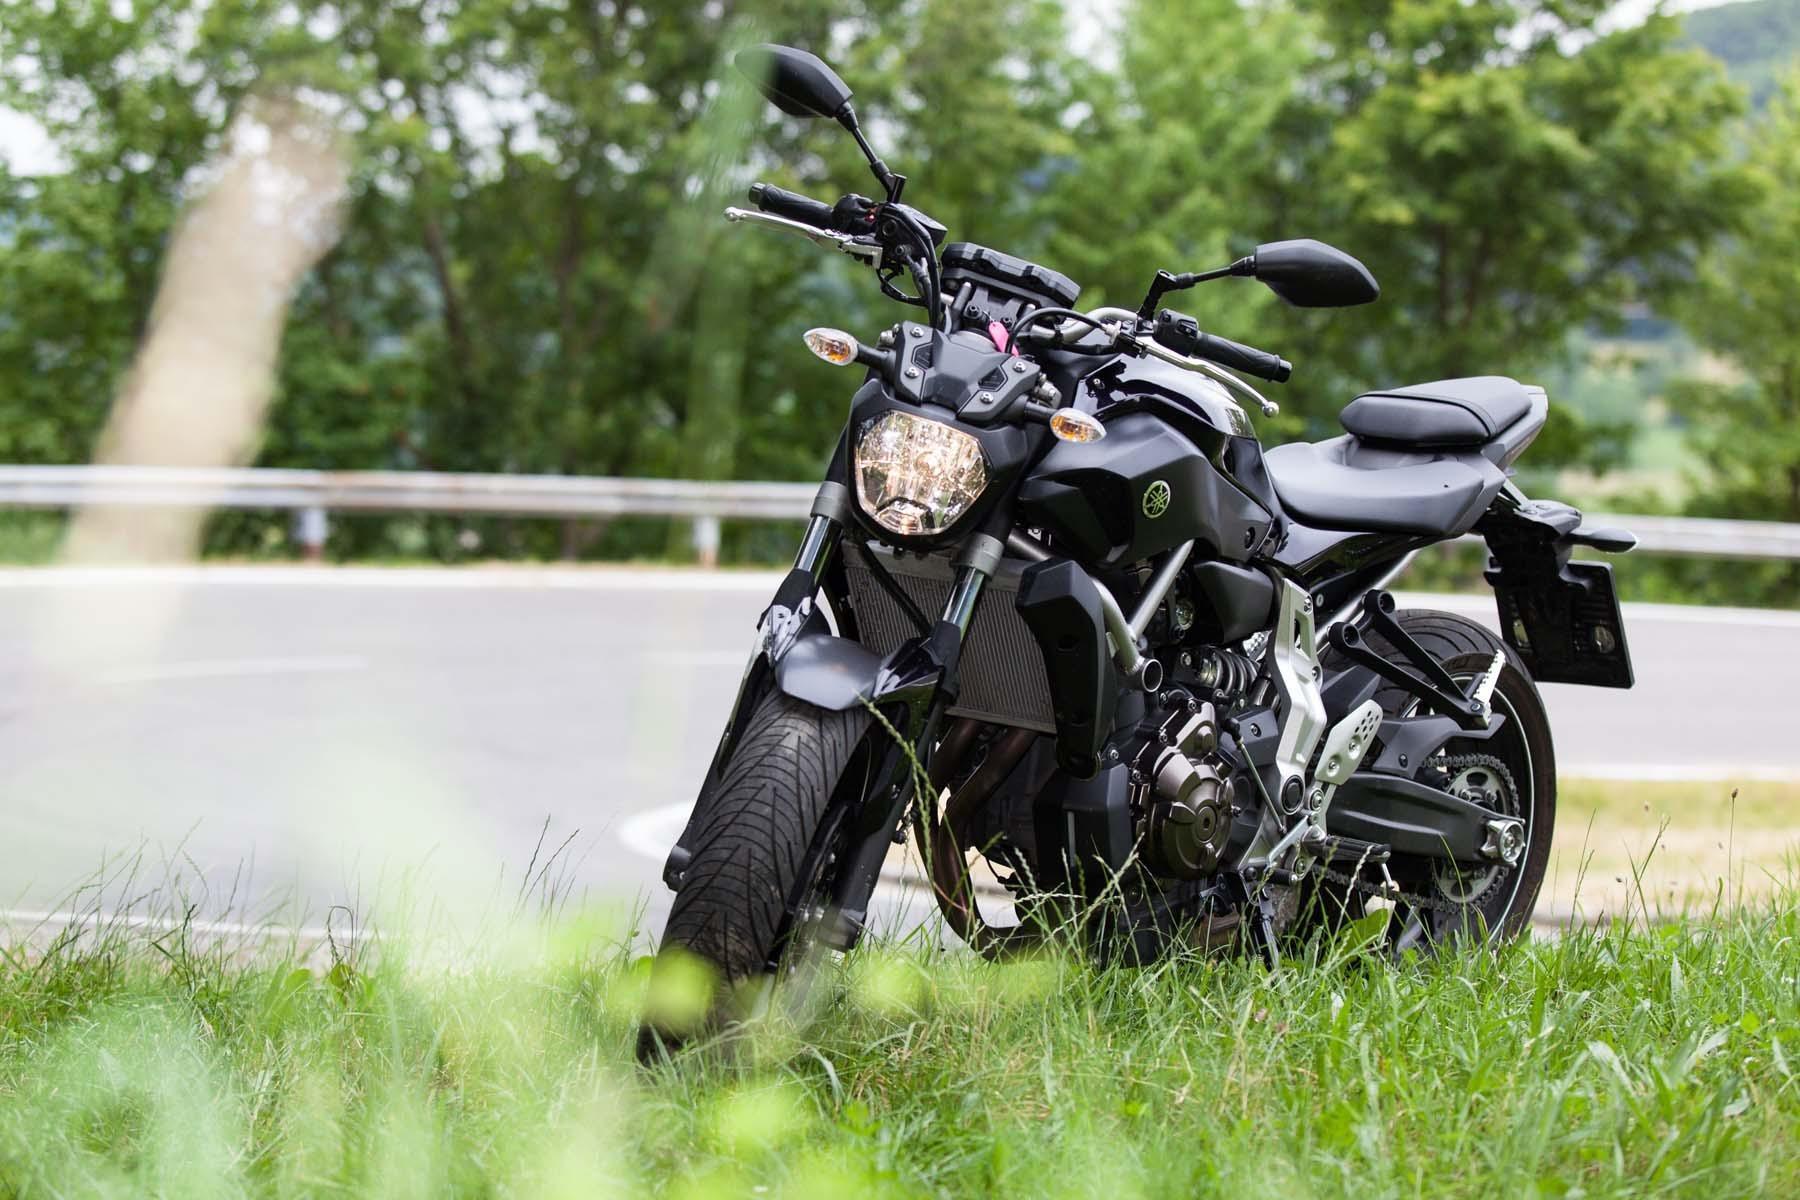 motorrad news yamaha mt 07 tuning tipps fahrwerk